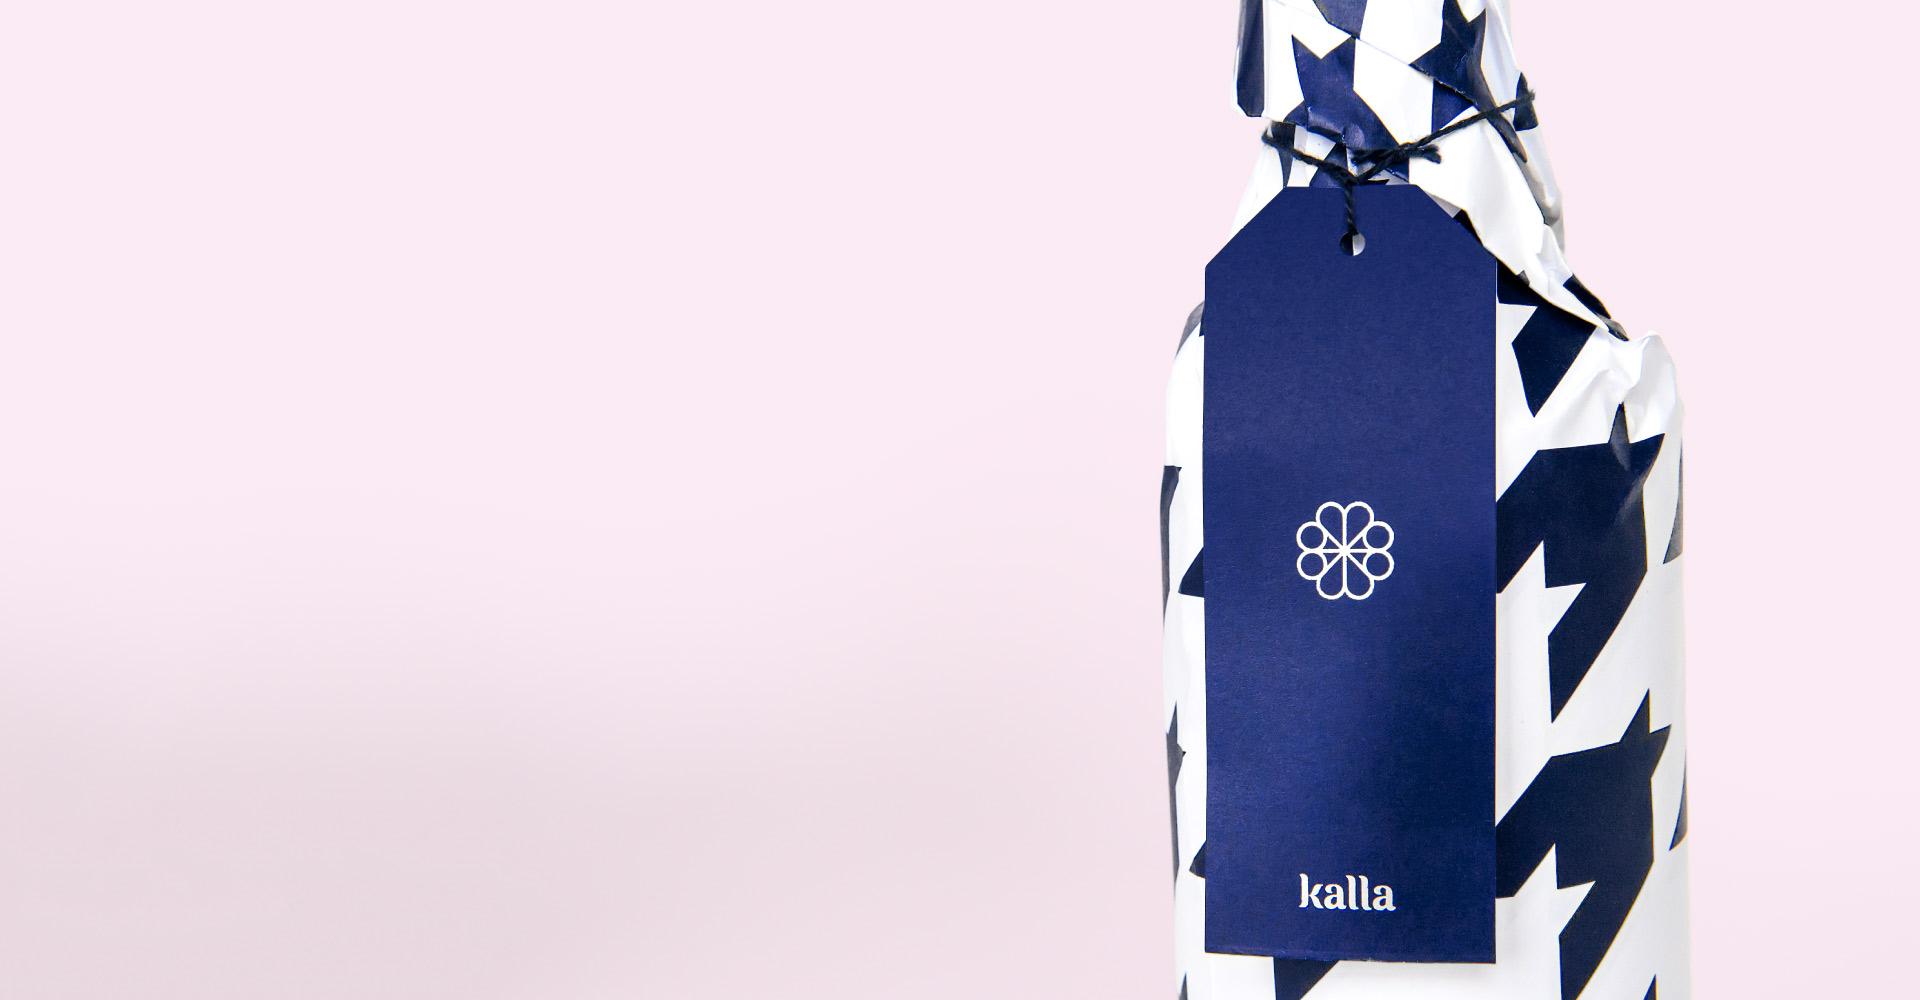 Creative_Retail_Packaging_PackageDesign_Custom_Kalla_06.jpg